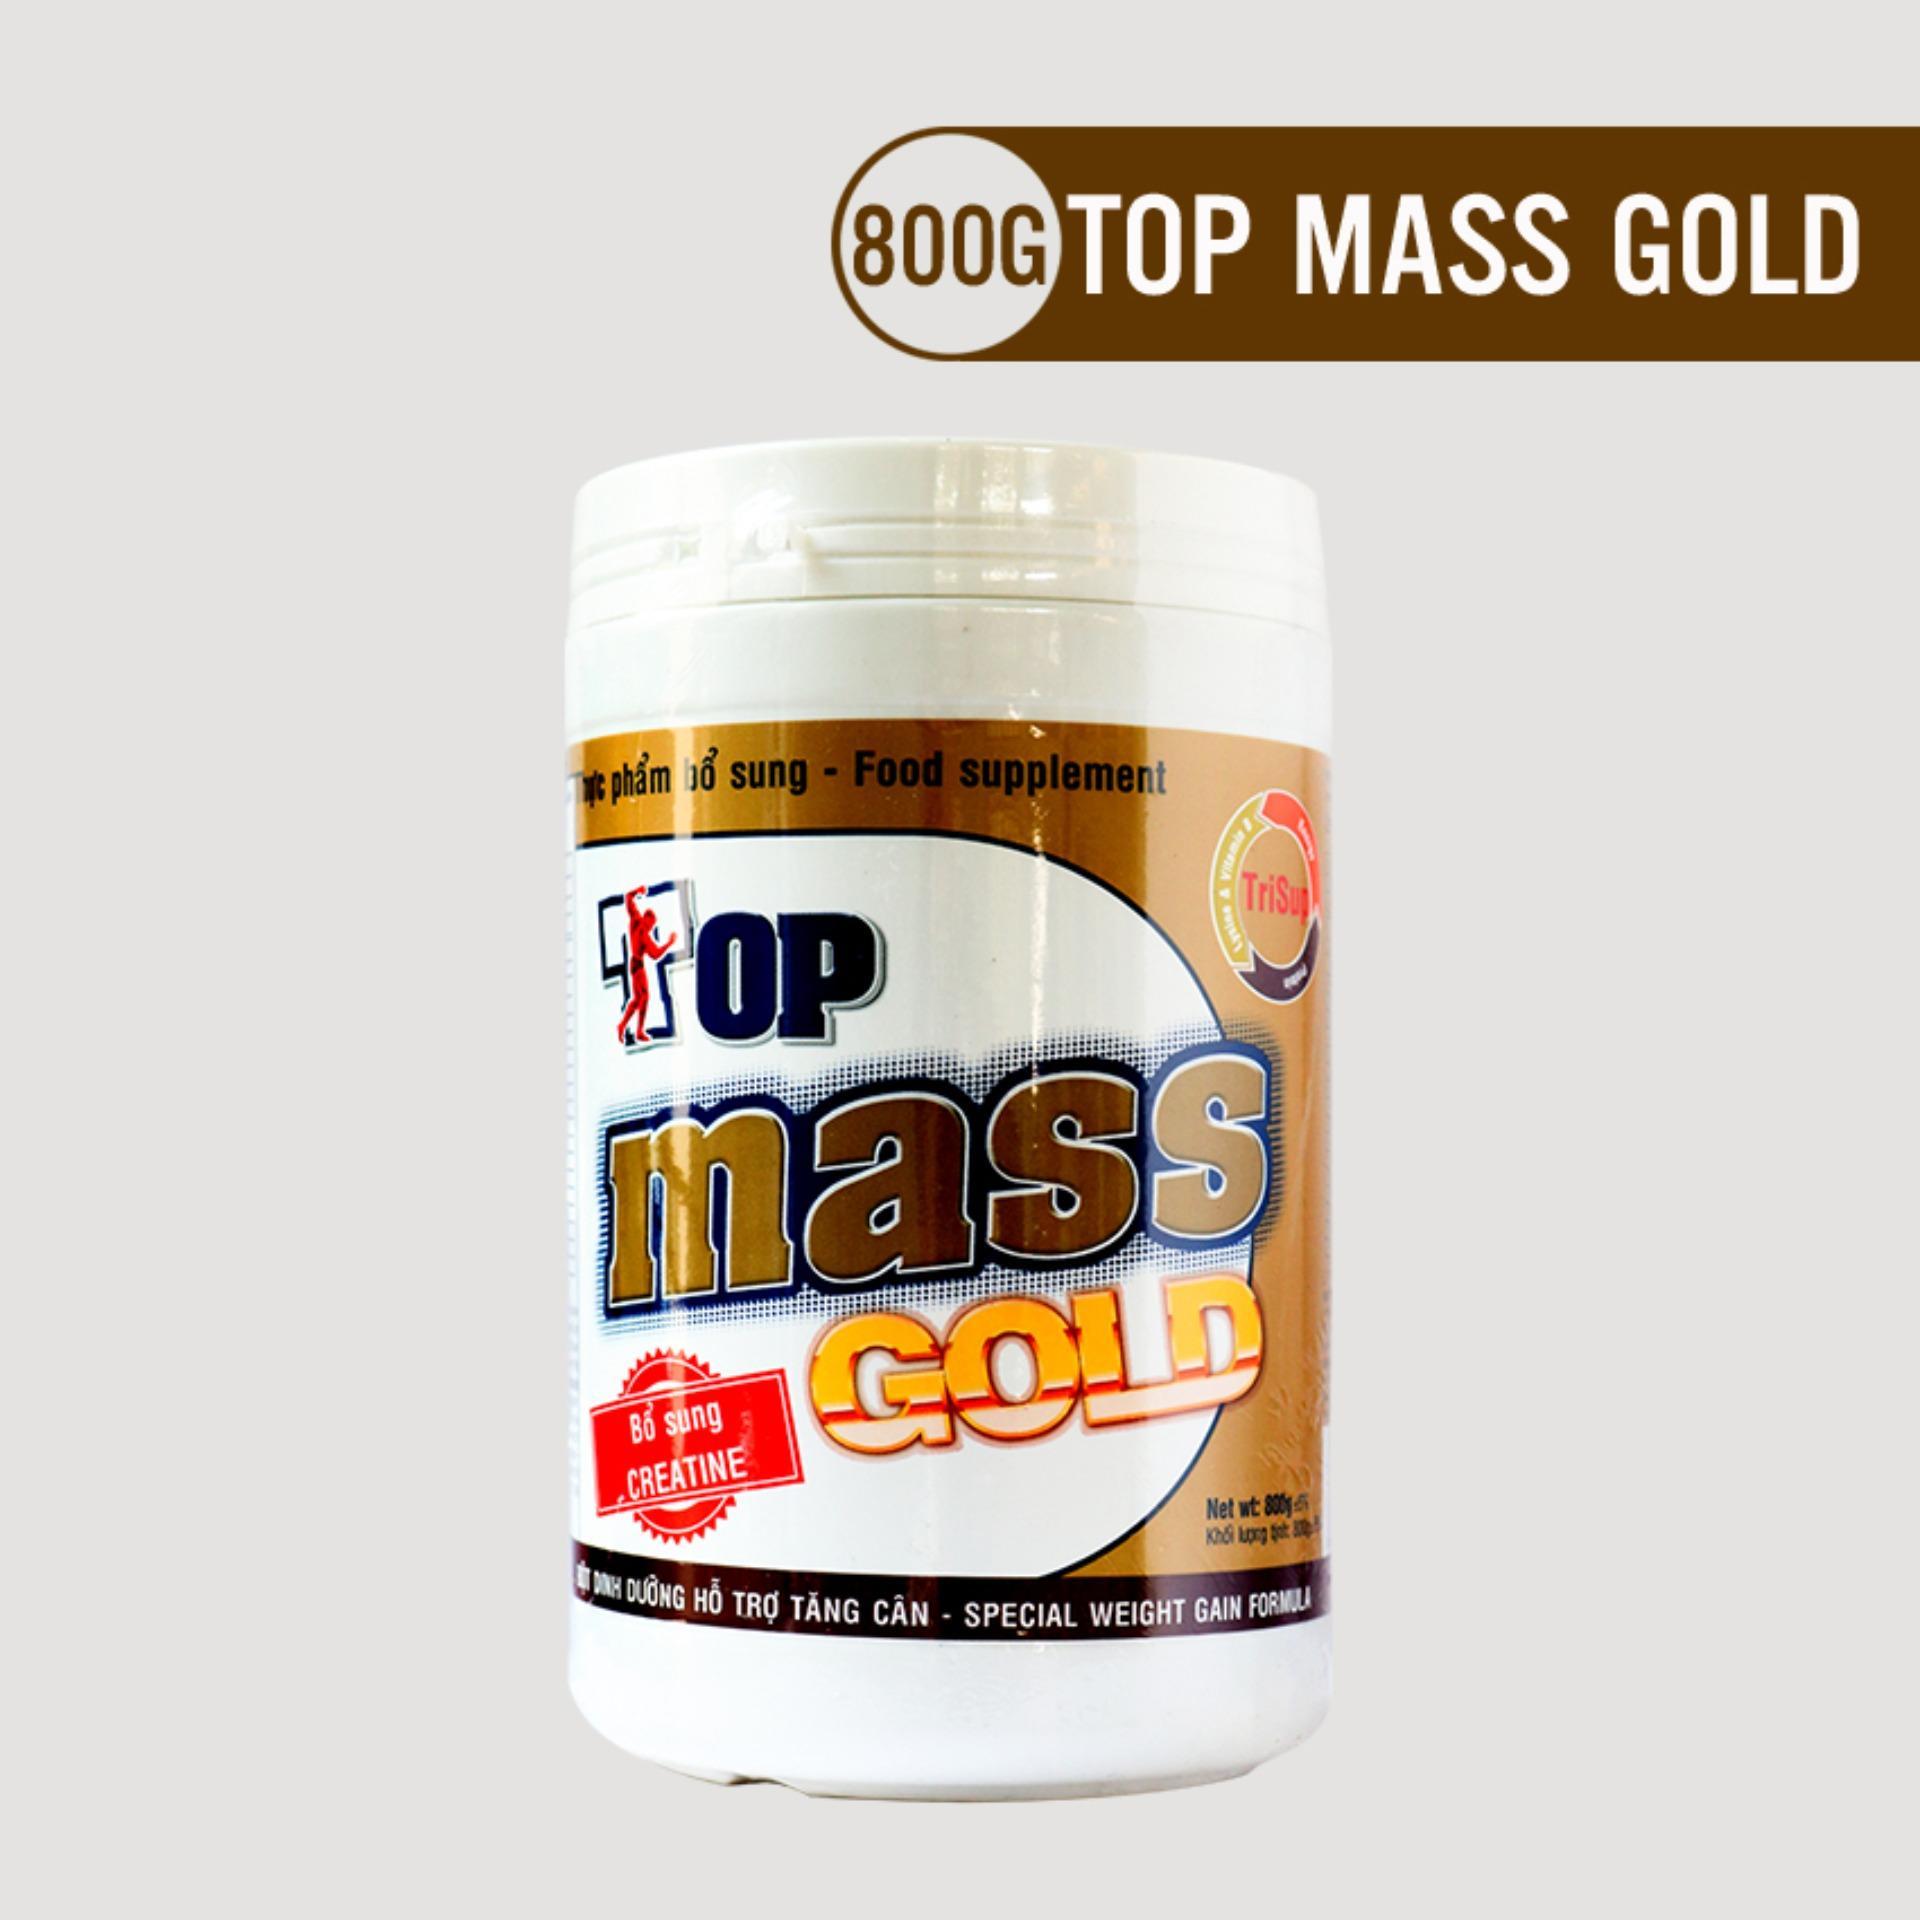 Sữa bột Top Mass Gold vị chocolate 800g tăng cân